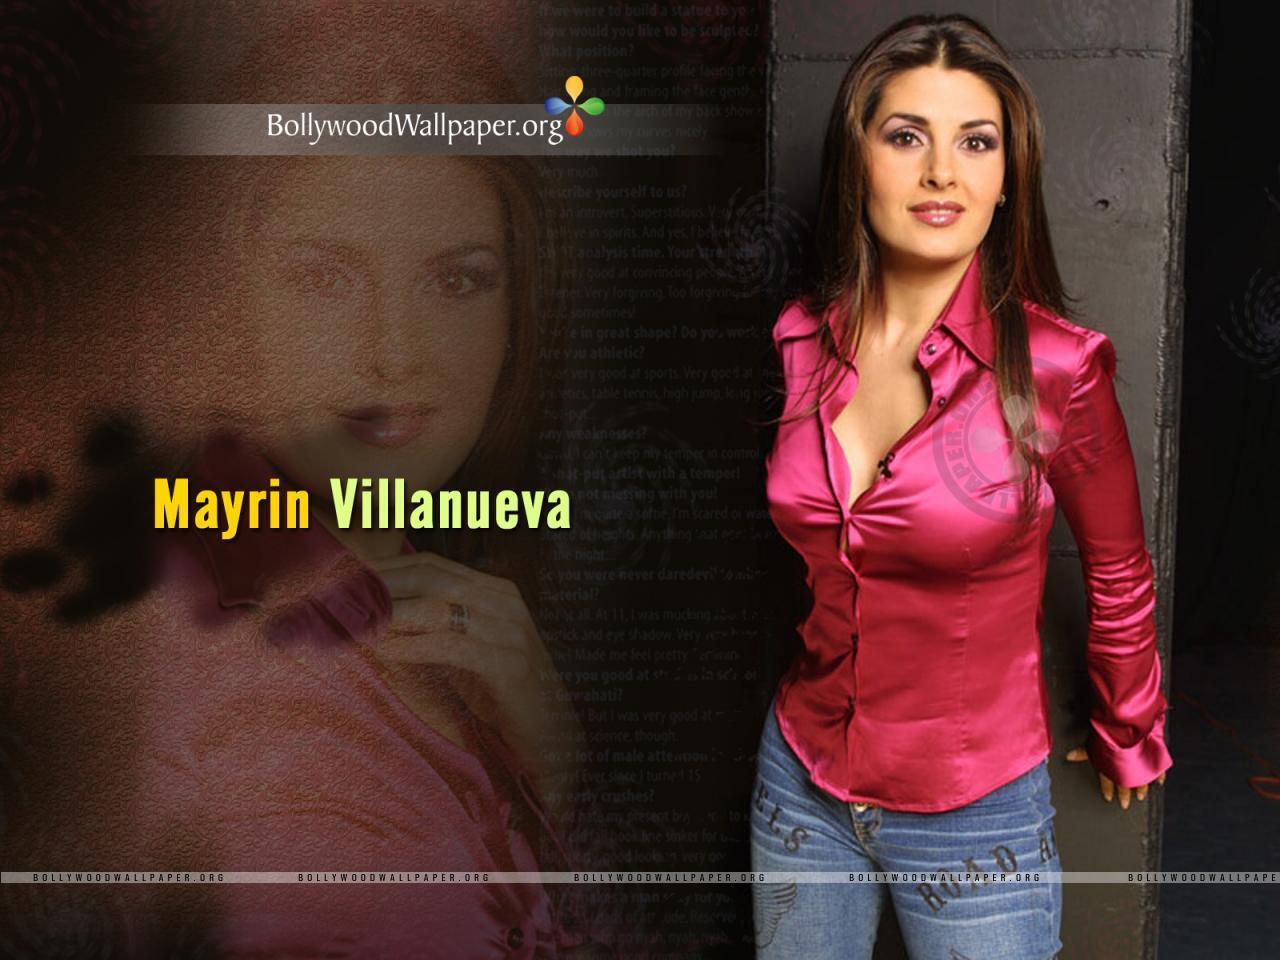 http://3.bp.blogspot.com/-ZGwUlqtMySI/TnRy-T2stDI/AAAAAAAAGNA/t59qqeOuPfs/s1600/Mayrin-Villanueva-Wallpaper-001.jpg